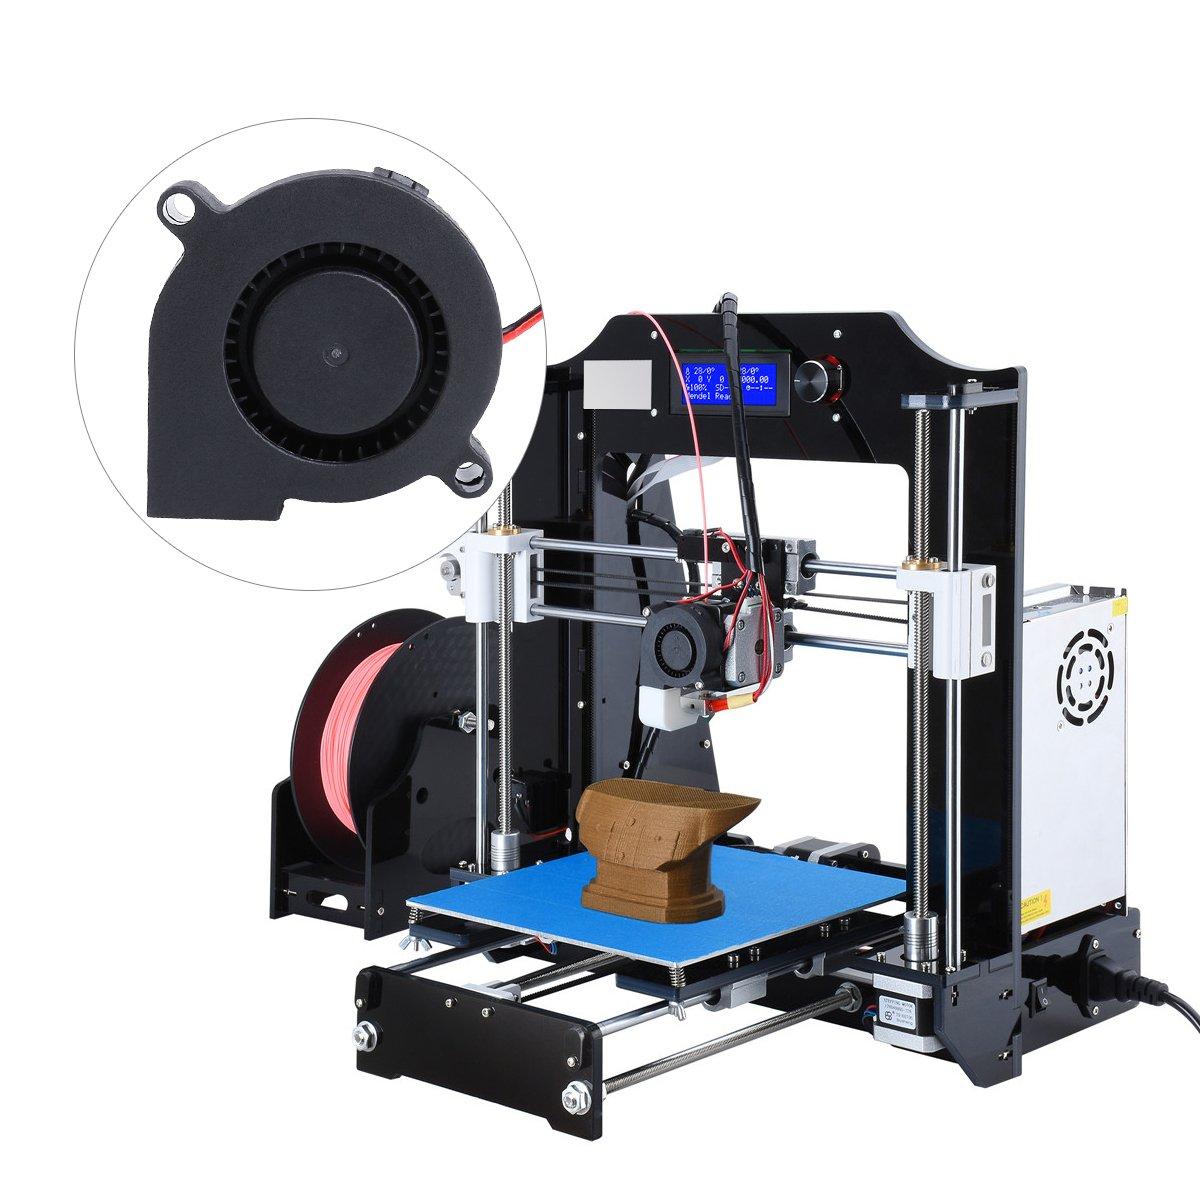 Turbine Gebl/ä se Heizk/ö rper L/ü fter Ausgezeichnet f/ü r die K/ü hlung K/ü hlk/ö rper auf Hot End UEETEK DC 24V L/ü fter f/ü r 3D Drucker 3D Drucker Zubeh/ö r